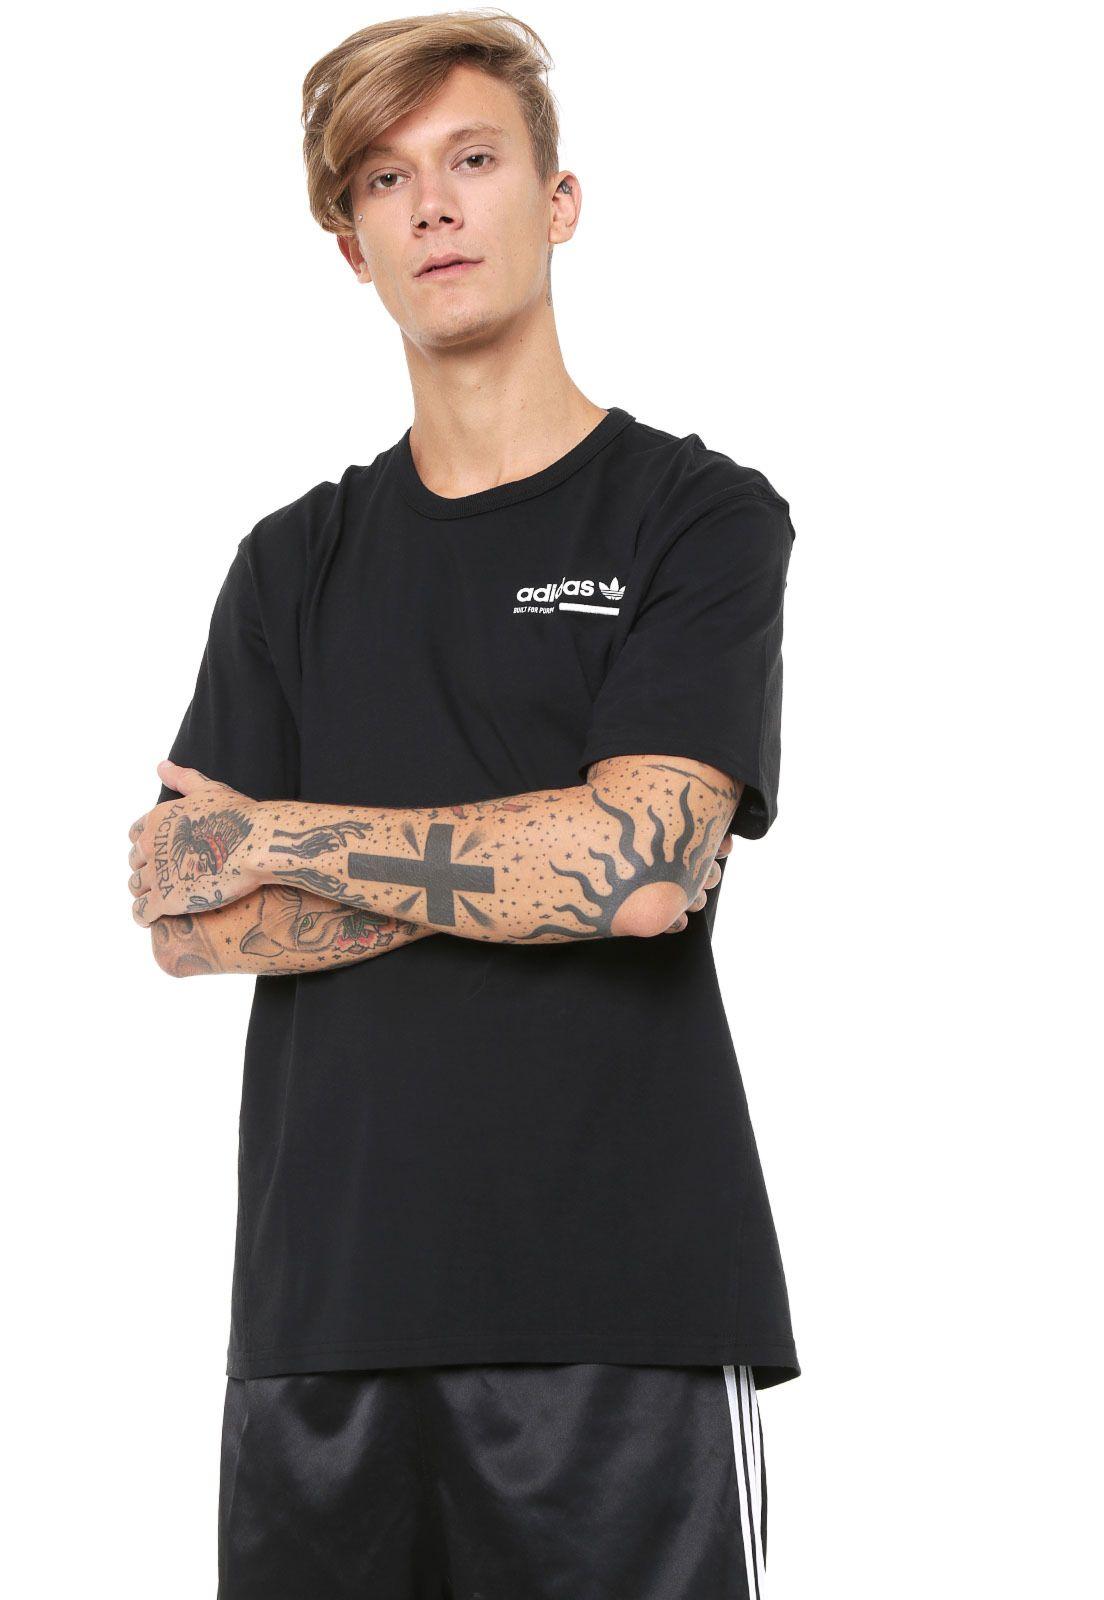 Camiseta adidas Originals Grp Preta   Camiseta adidas